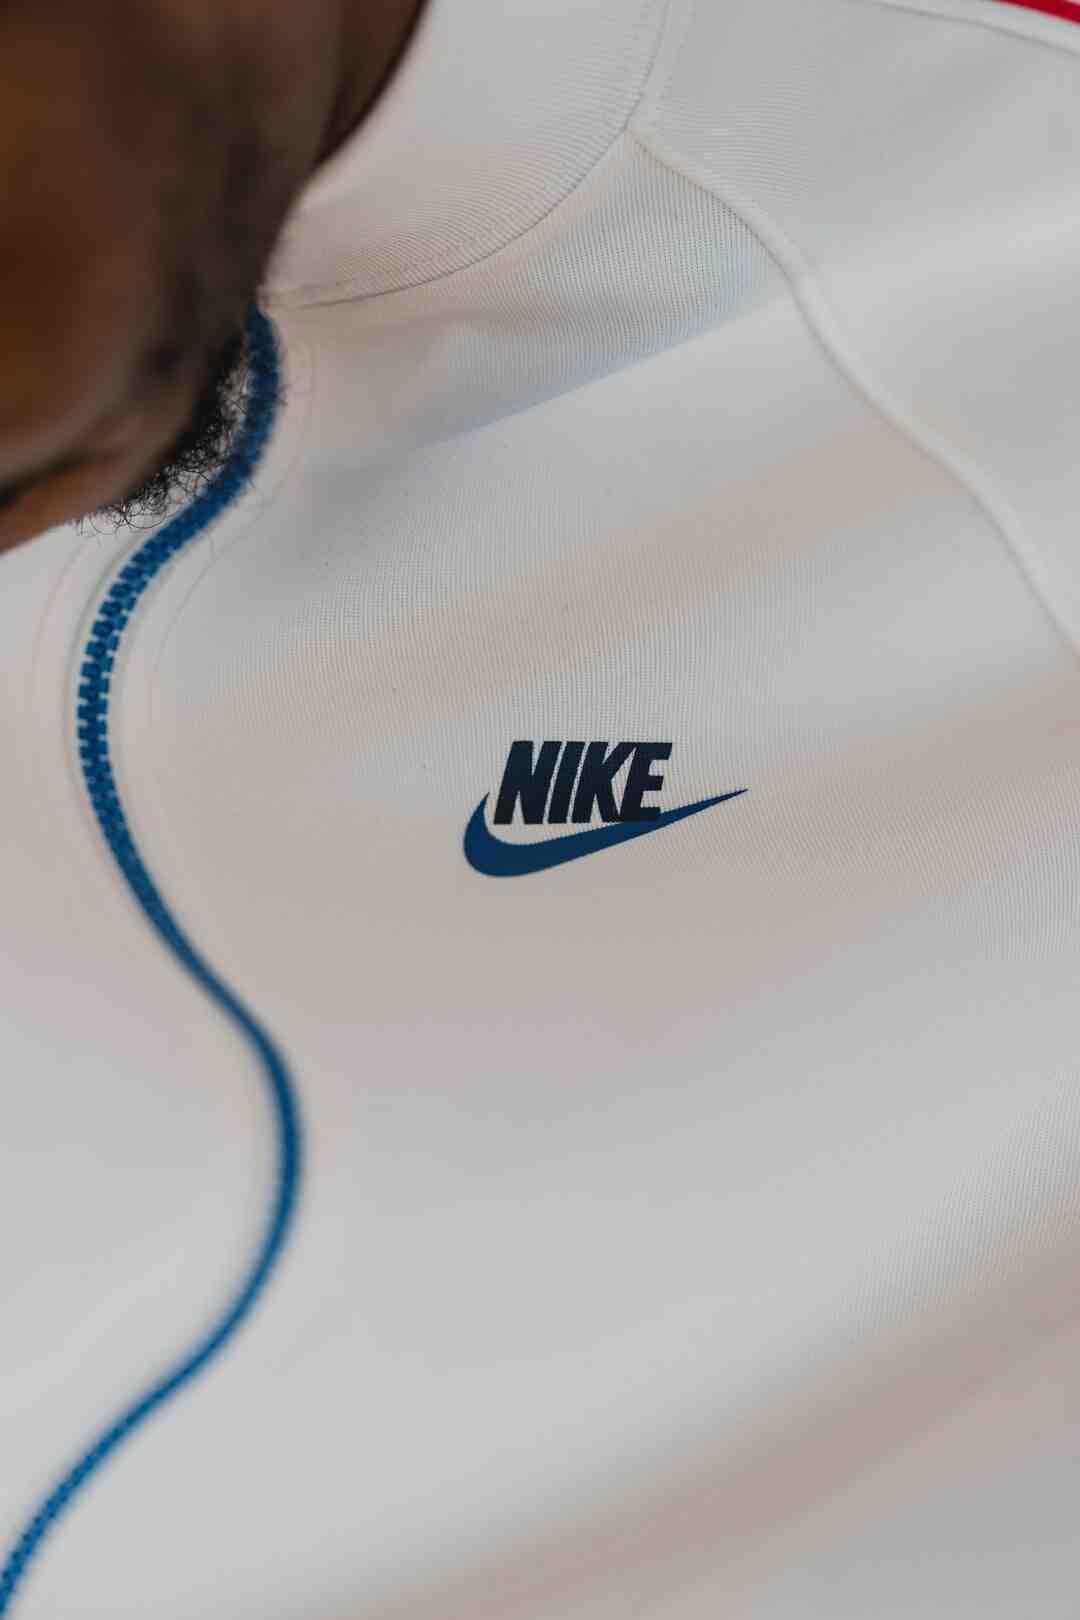 Comment faire le logo nike